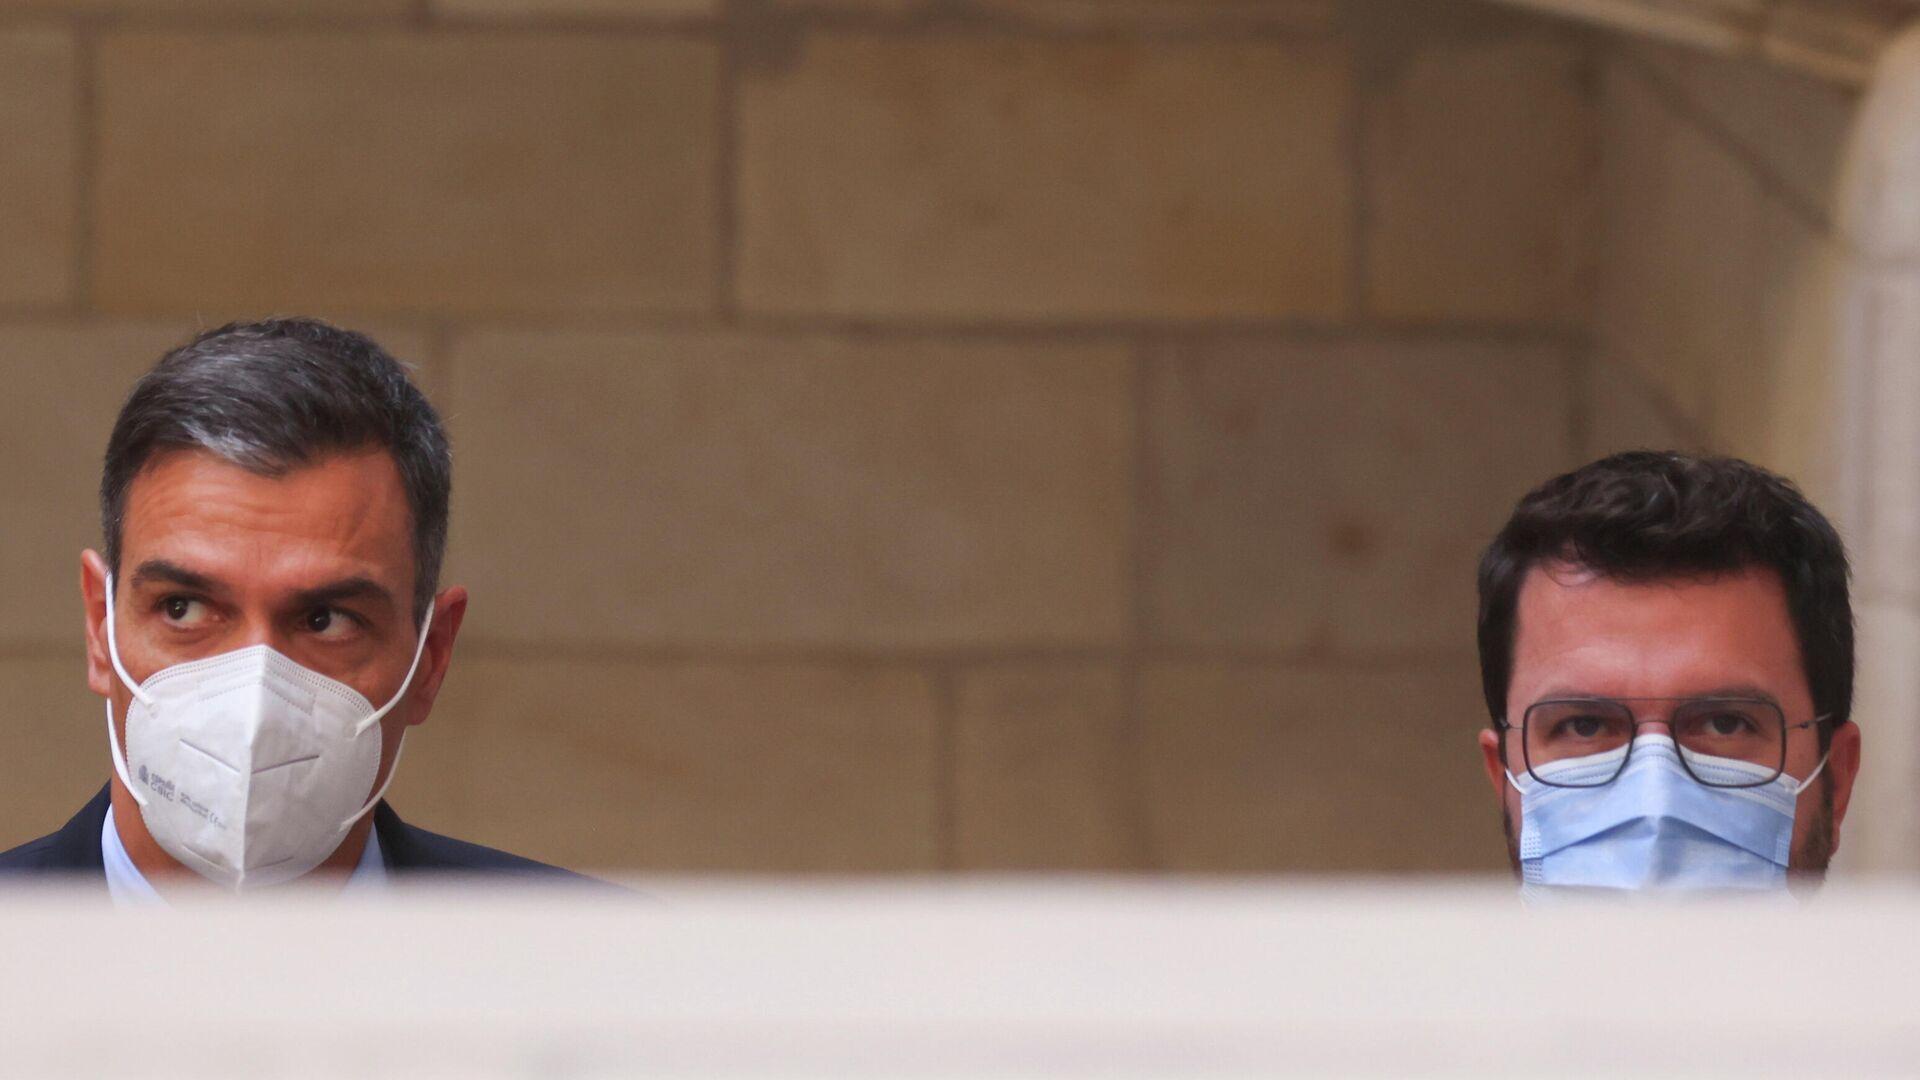 Das Treffen des spanischen Ministerpräsidenten Pedro Sánchez und des katalanischen Regionalpräsidenten Pere Aragonès  - SNA, 1920, 15.09.2021